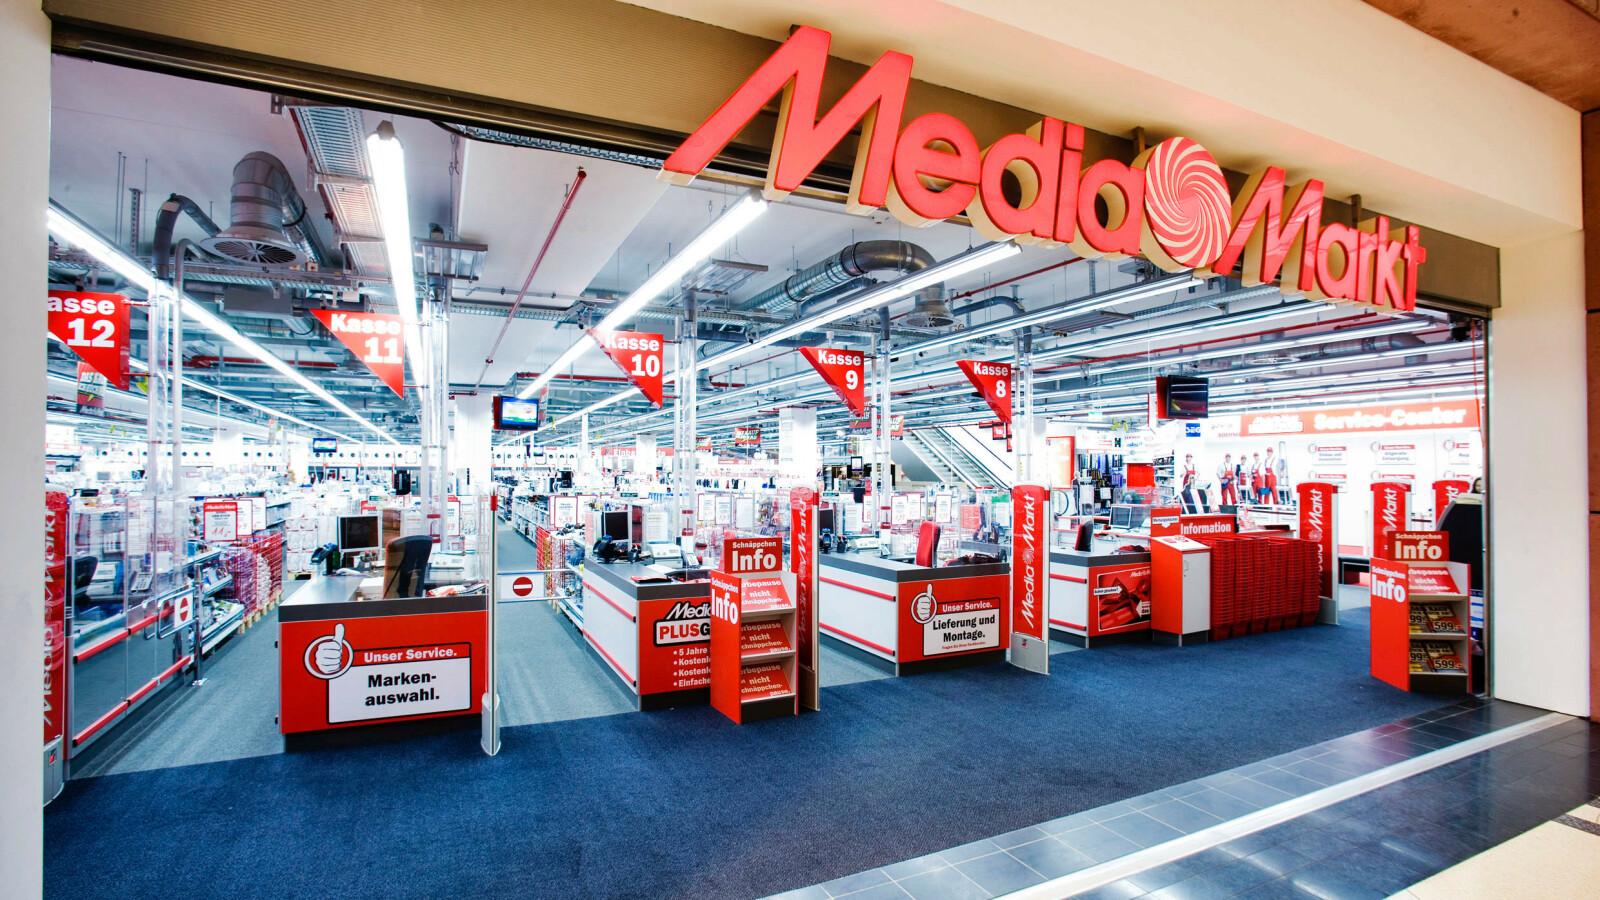 Media Markt Weihnachtsaktion: Gratis-Zugabe beim Kauf vieler ...